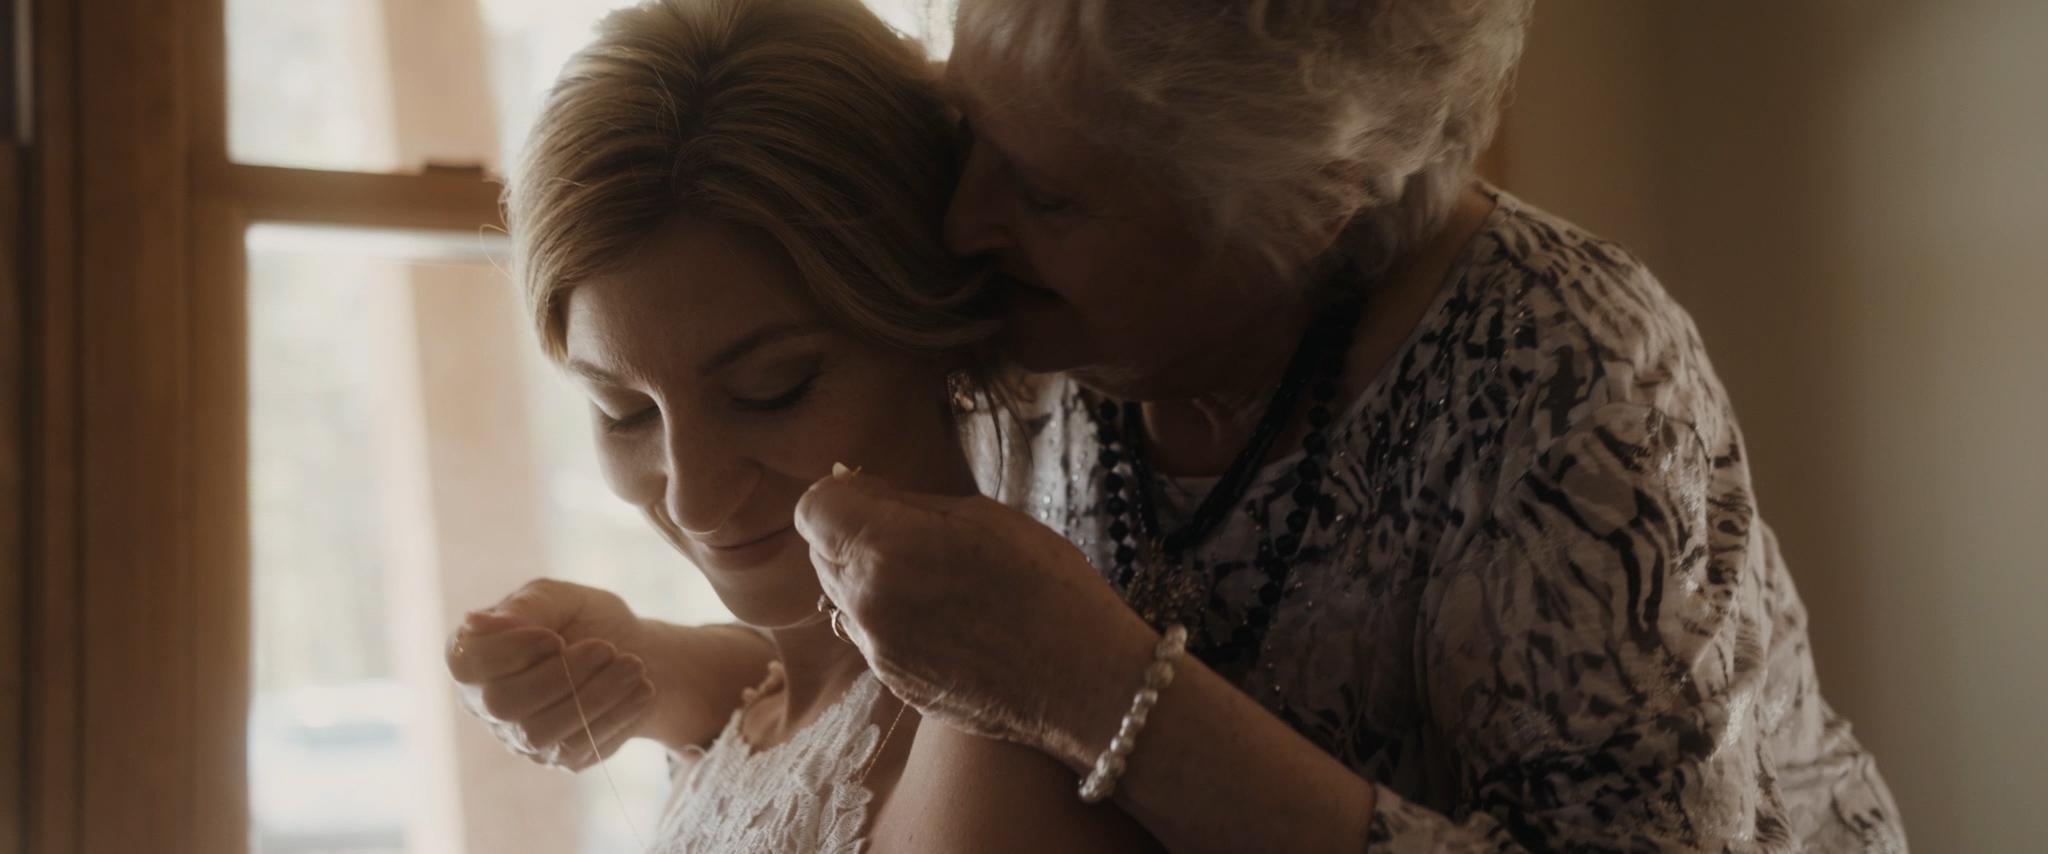 HAVENS_Wedding_Film.00_01_25_03.Still015.jpg